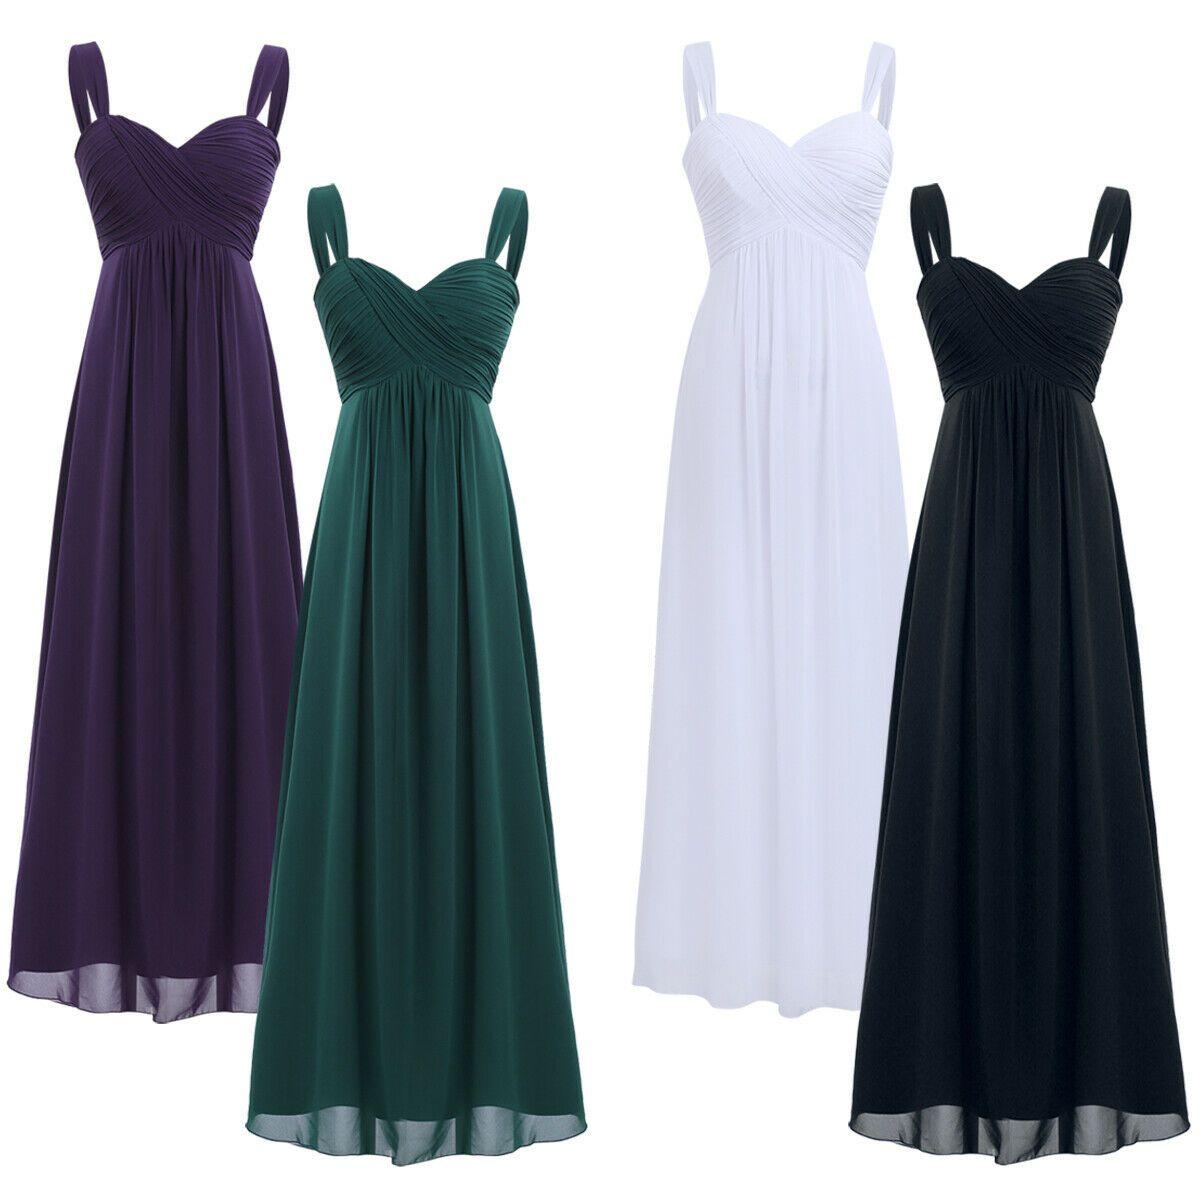 Damen Festliche Kleider Träger Chiffon Kleid Brautjungfernkleider